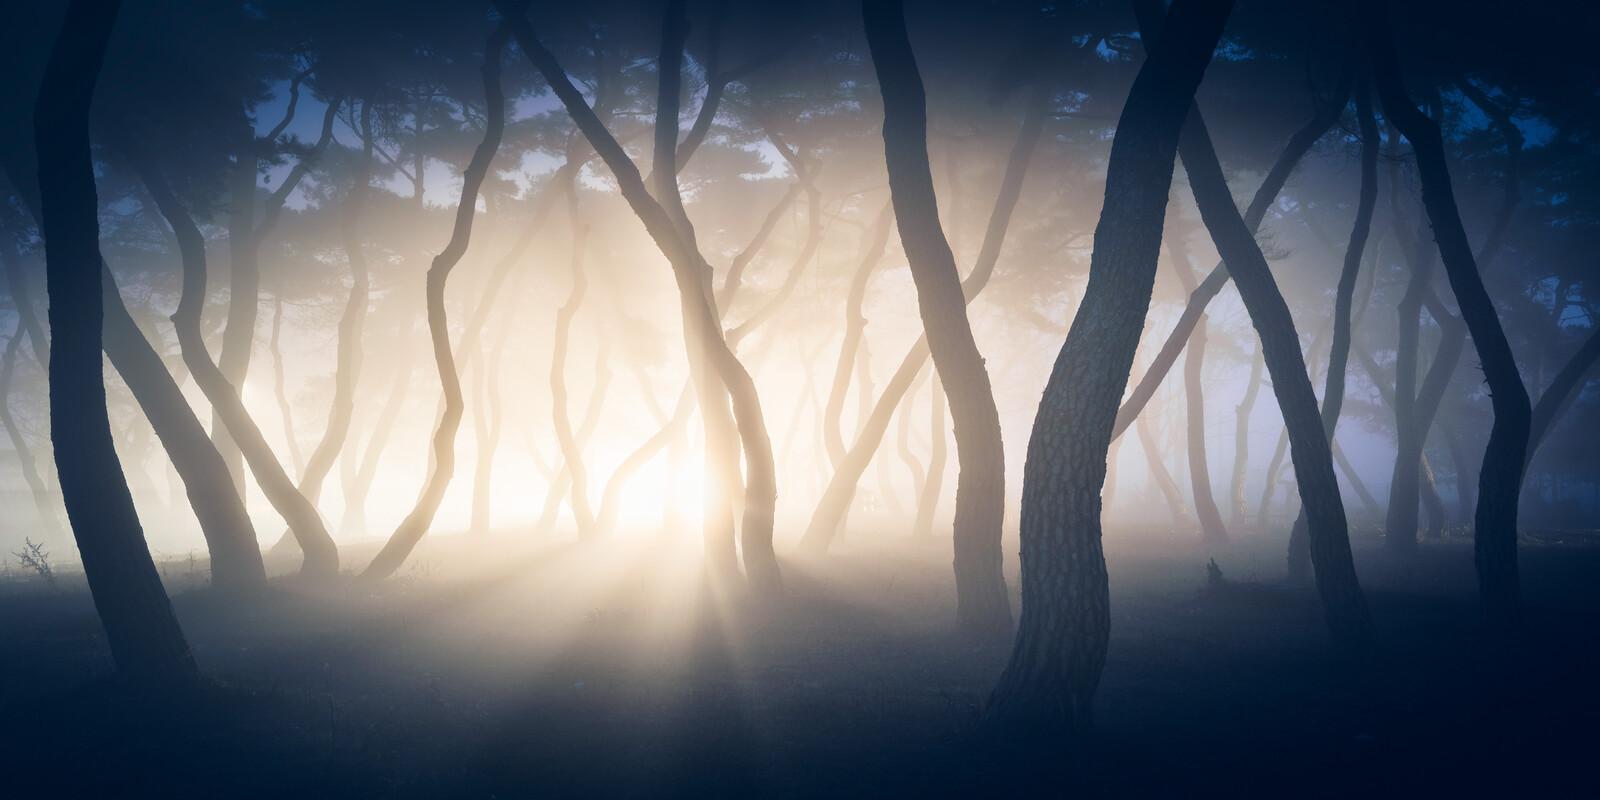 Pine Forest II - Nathaniel Merz